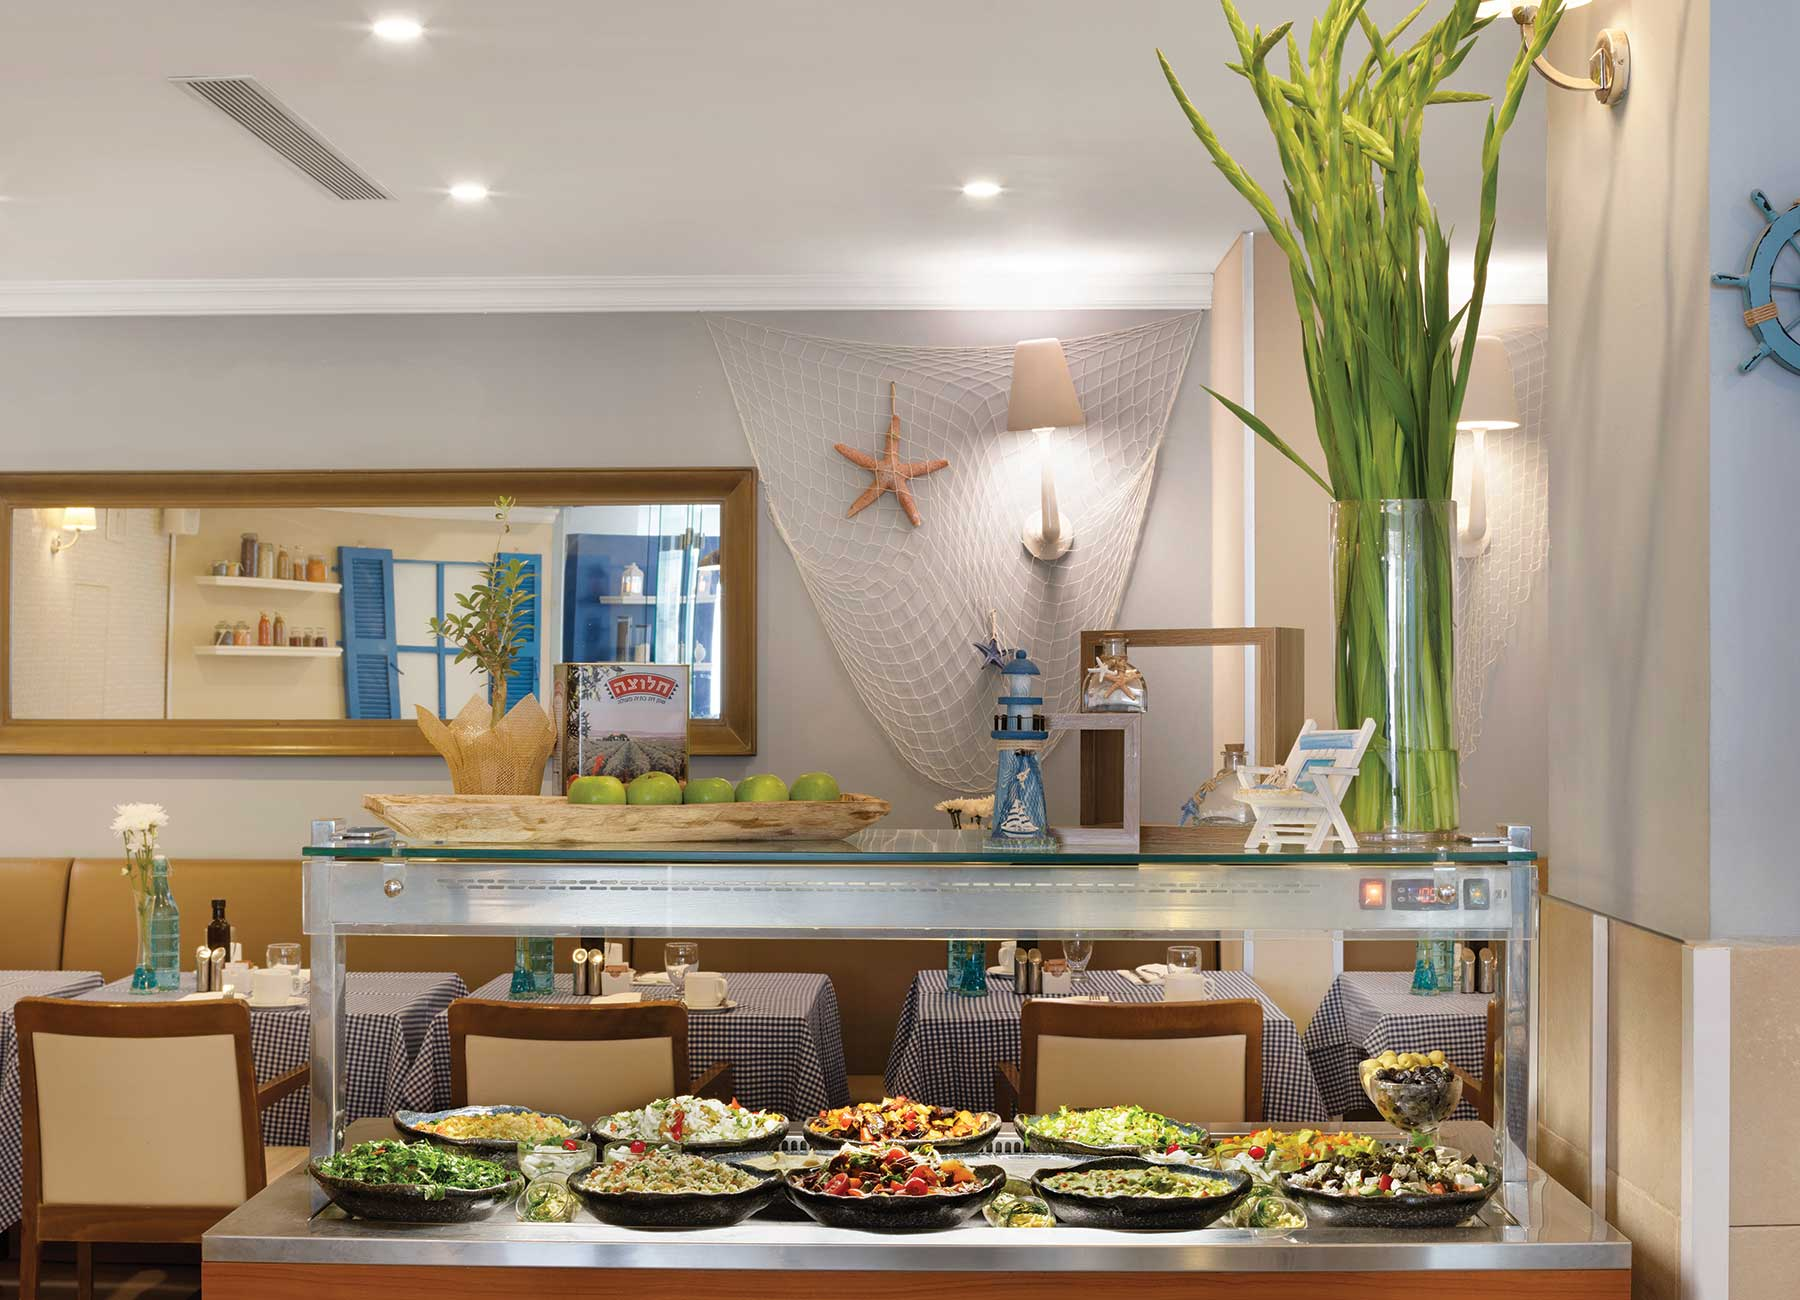 חדר אוכל במלון הרברט סמואל הריף אילת